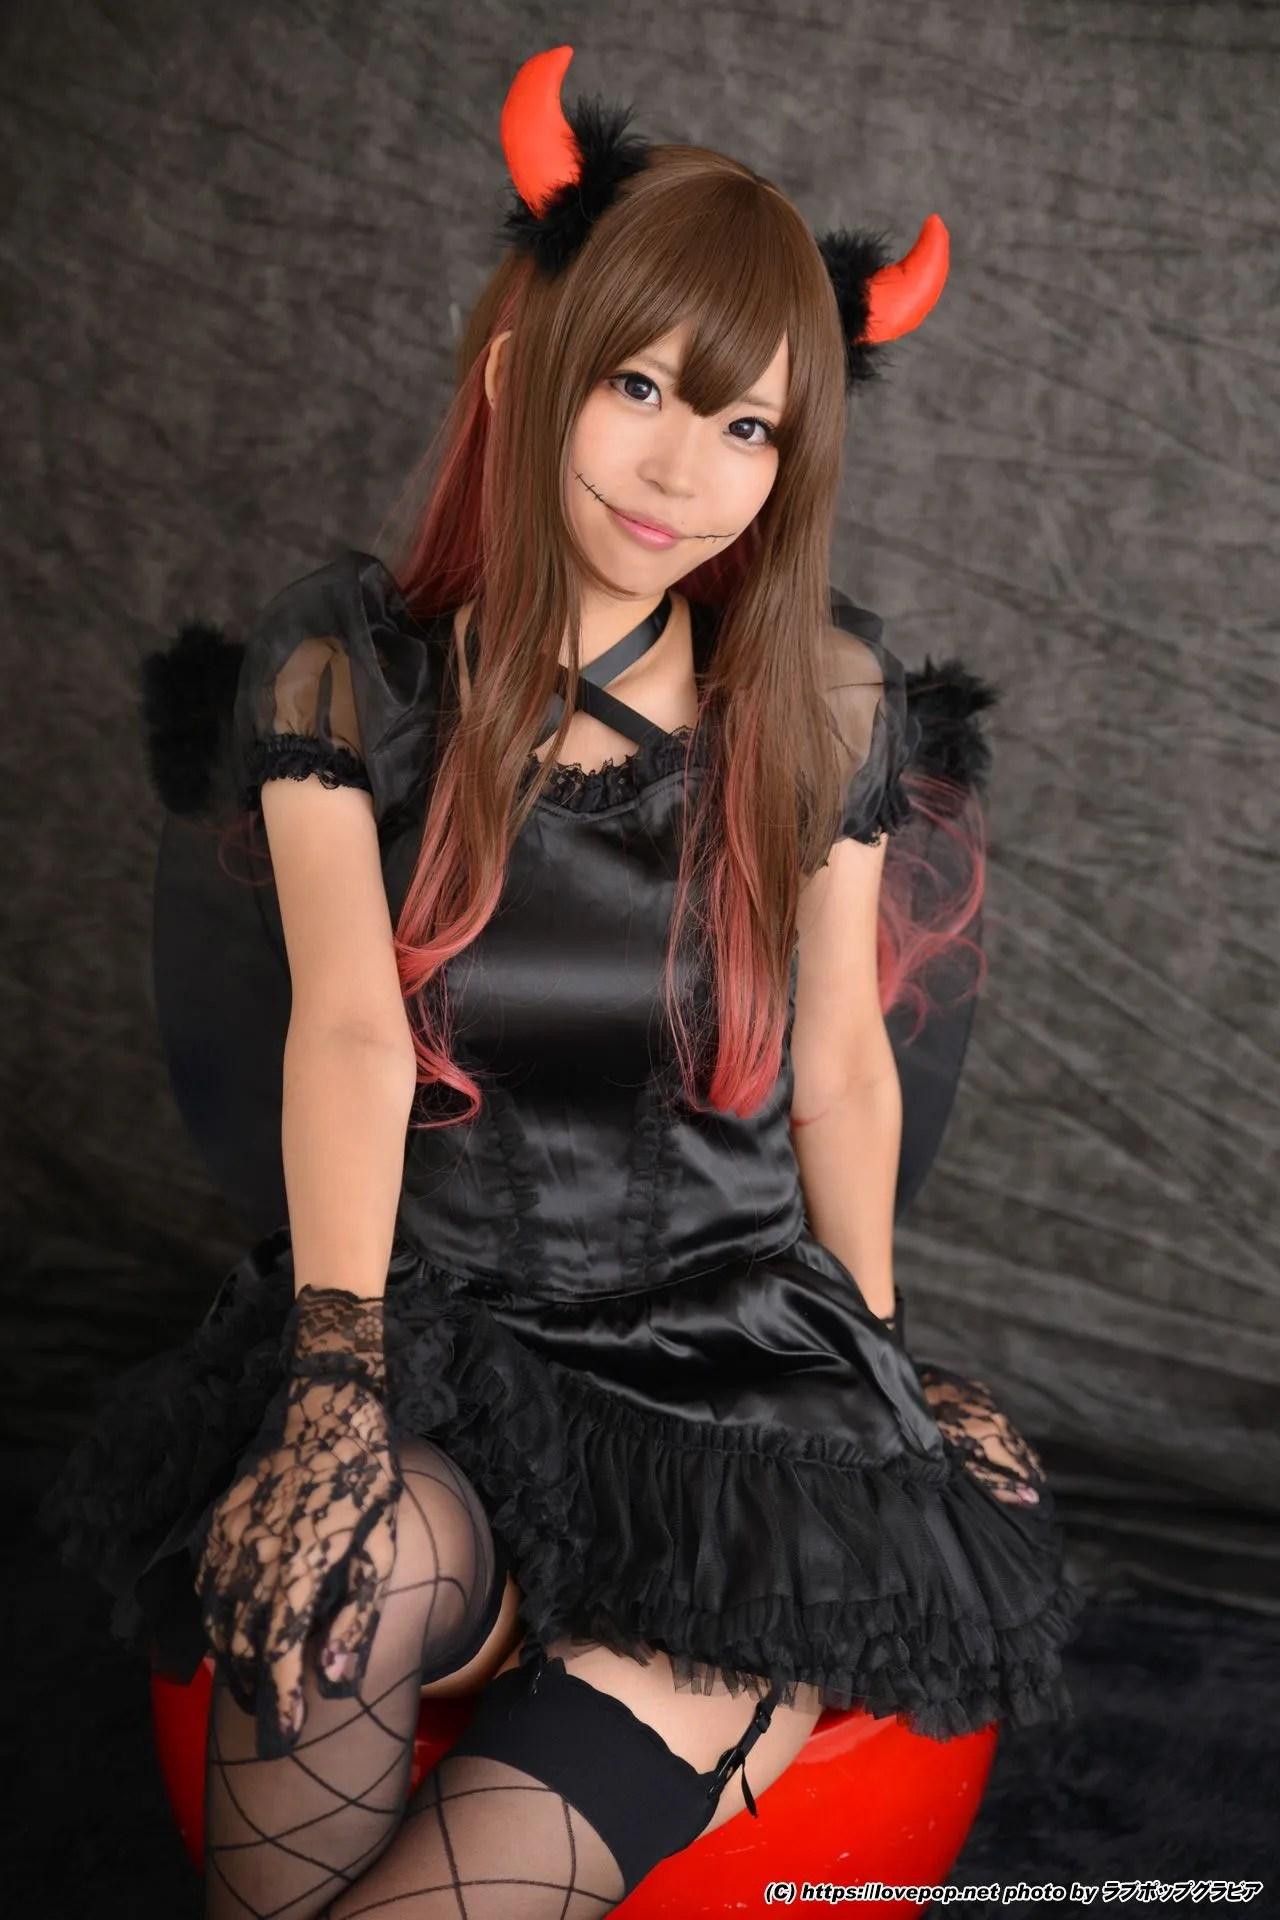 甘栗いるふ Irufu Amaguri Photoset 05 [LOVEPOP] 写真集[42P]插图